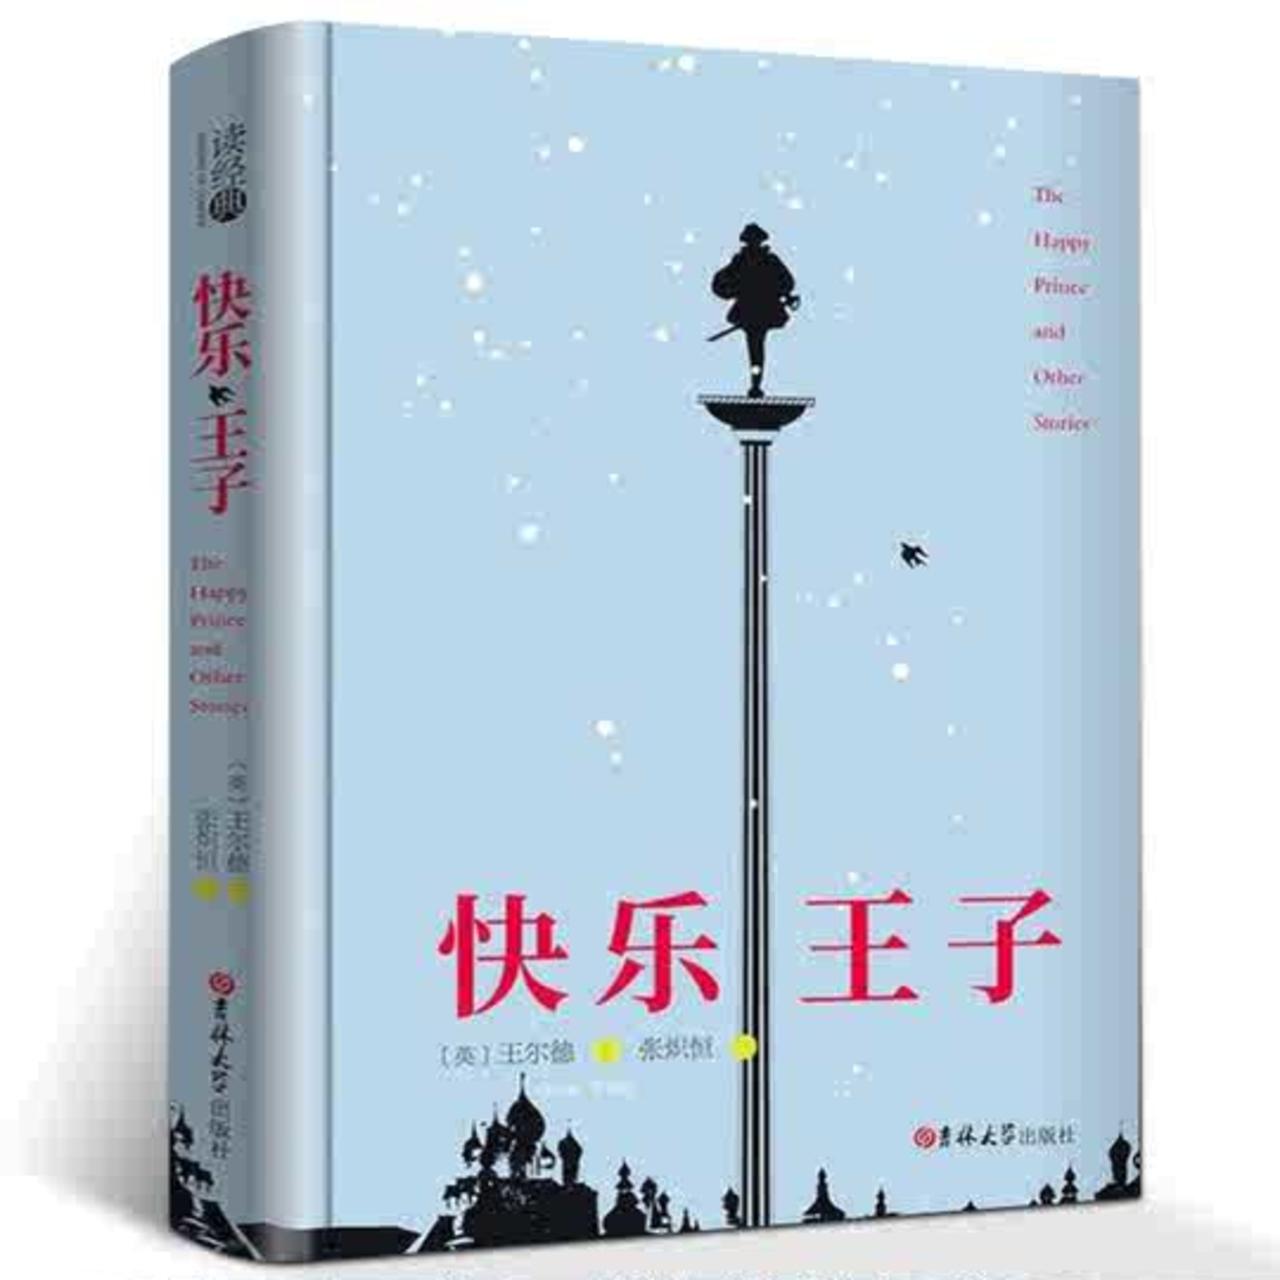 快乐王子集 【精装版简体小说】